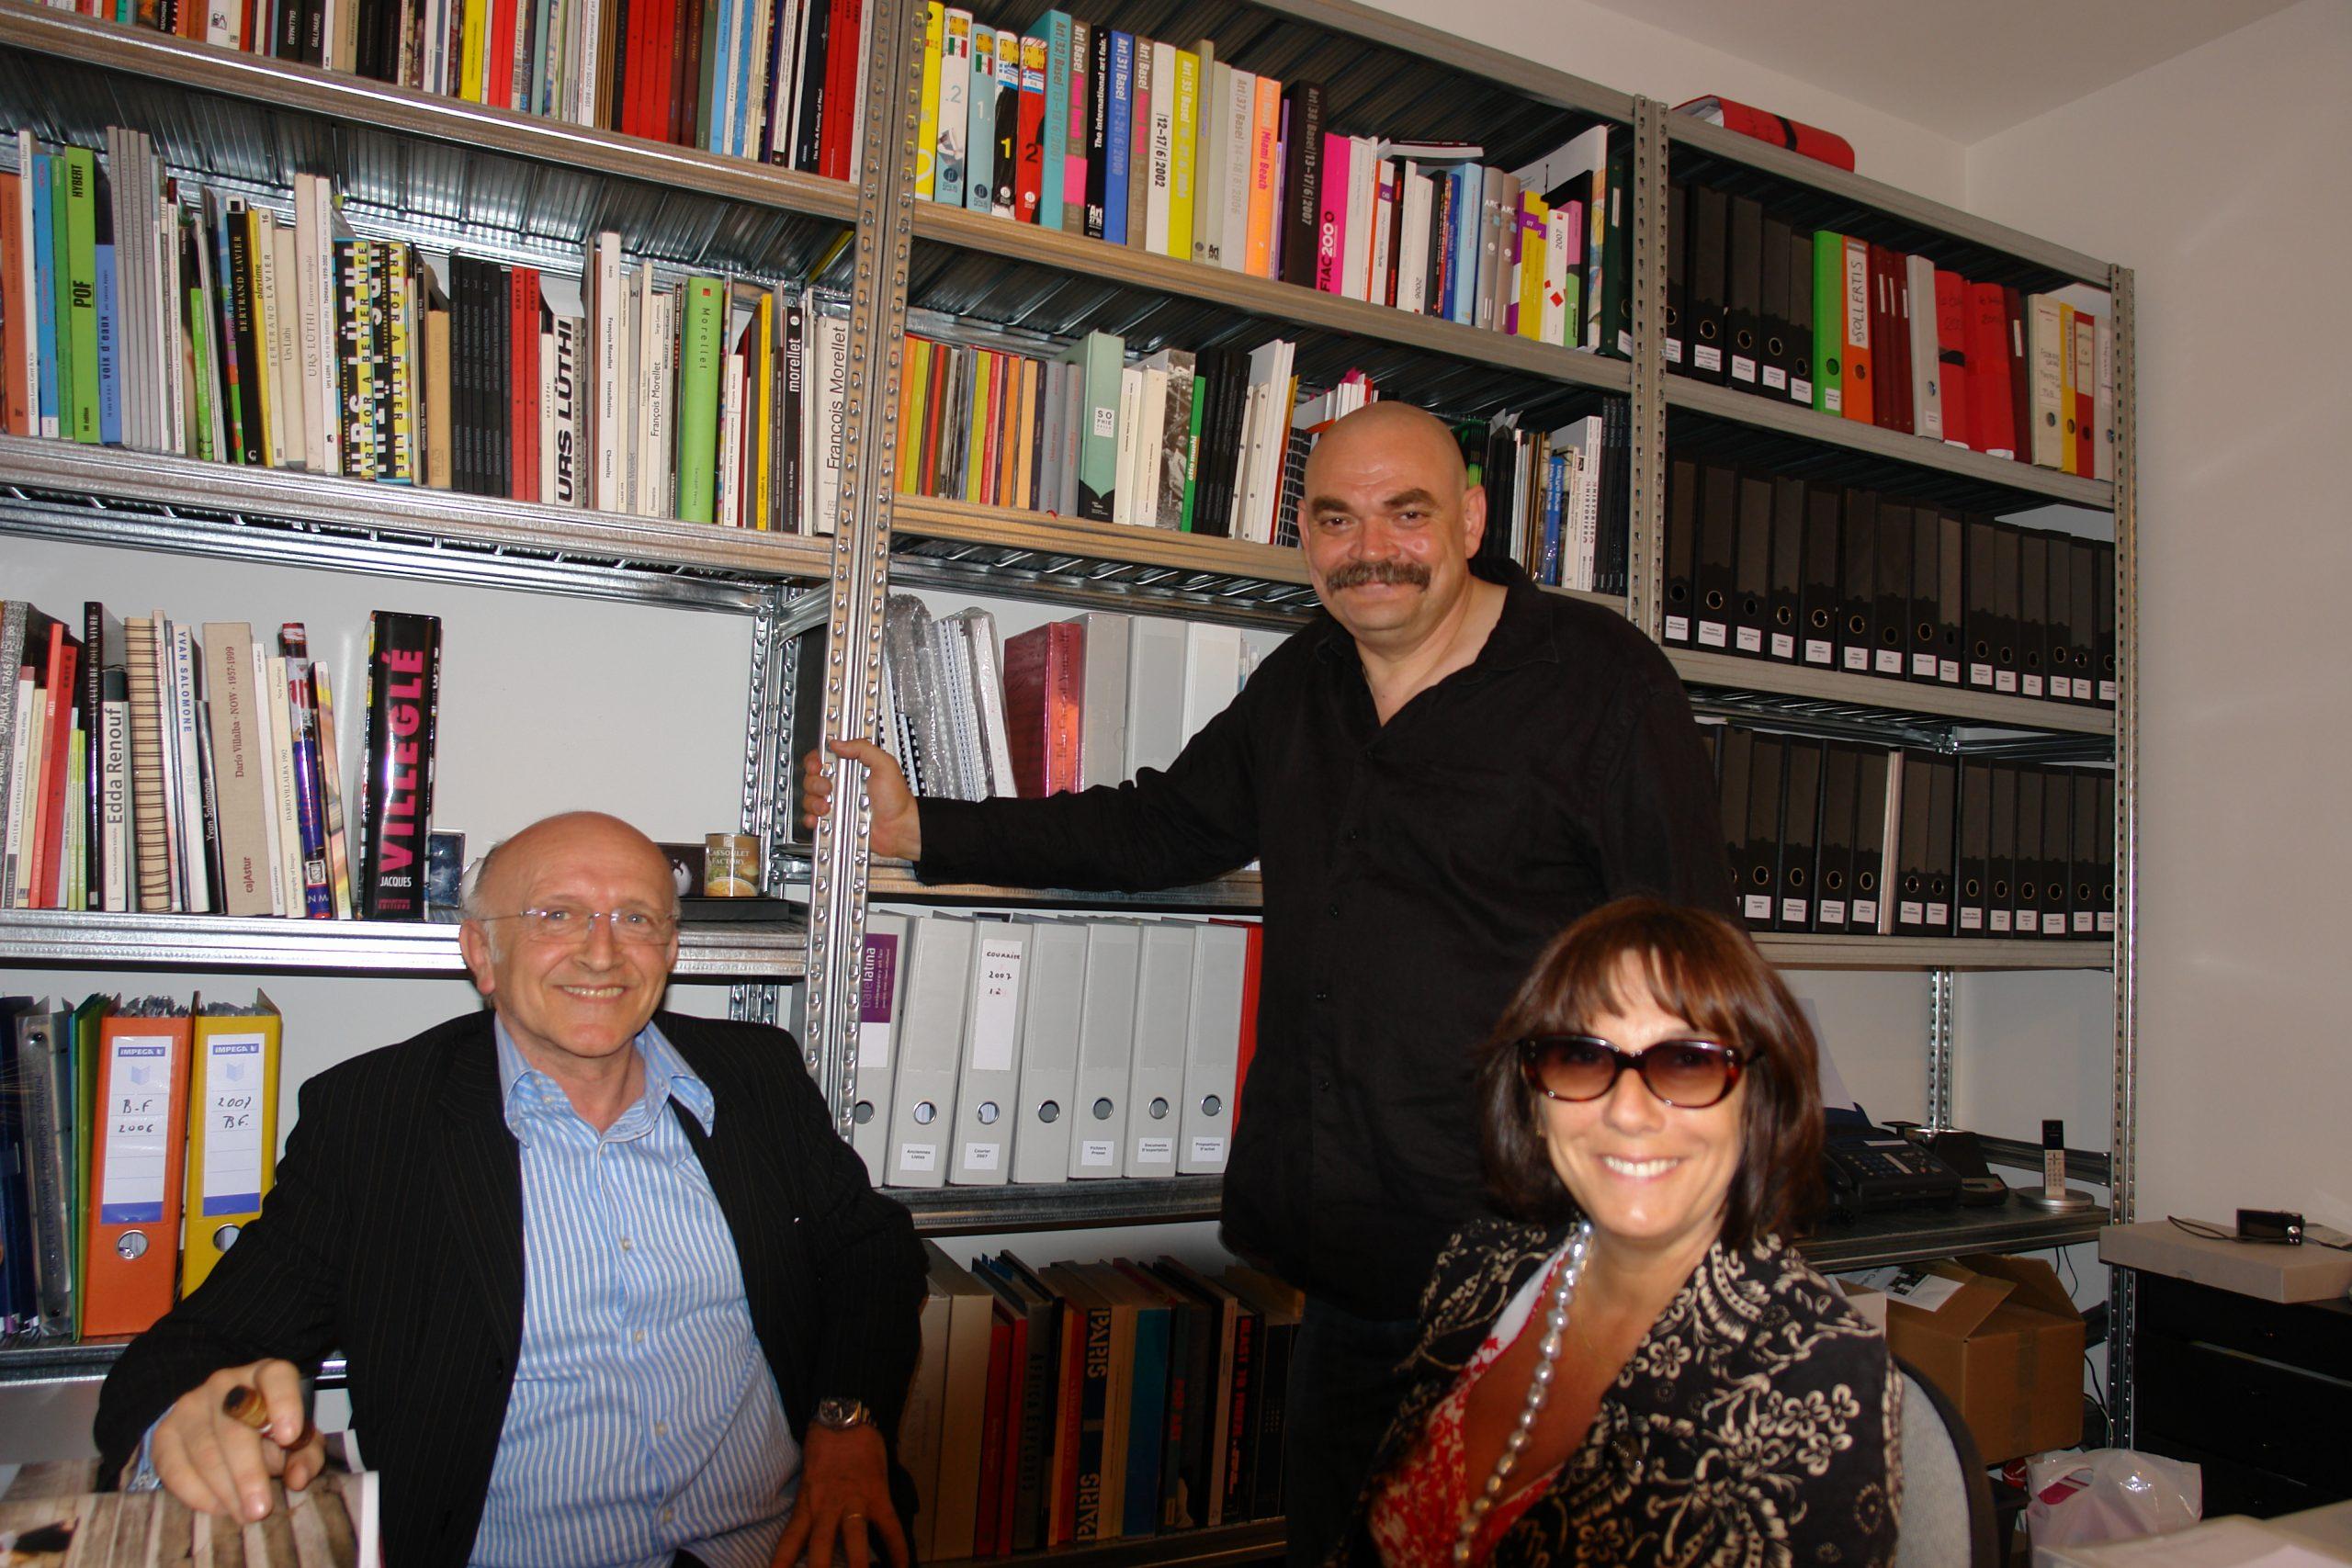 Bertrand Lavier, Brice Fauché et Sophie Calle Chez Sollertis